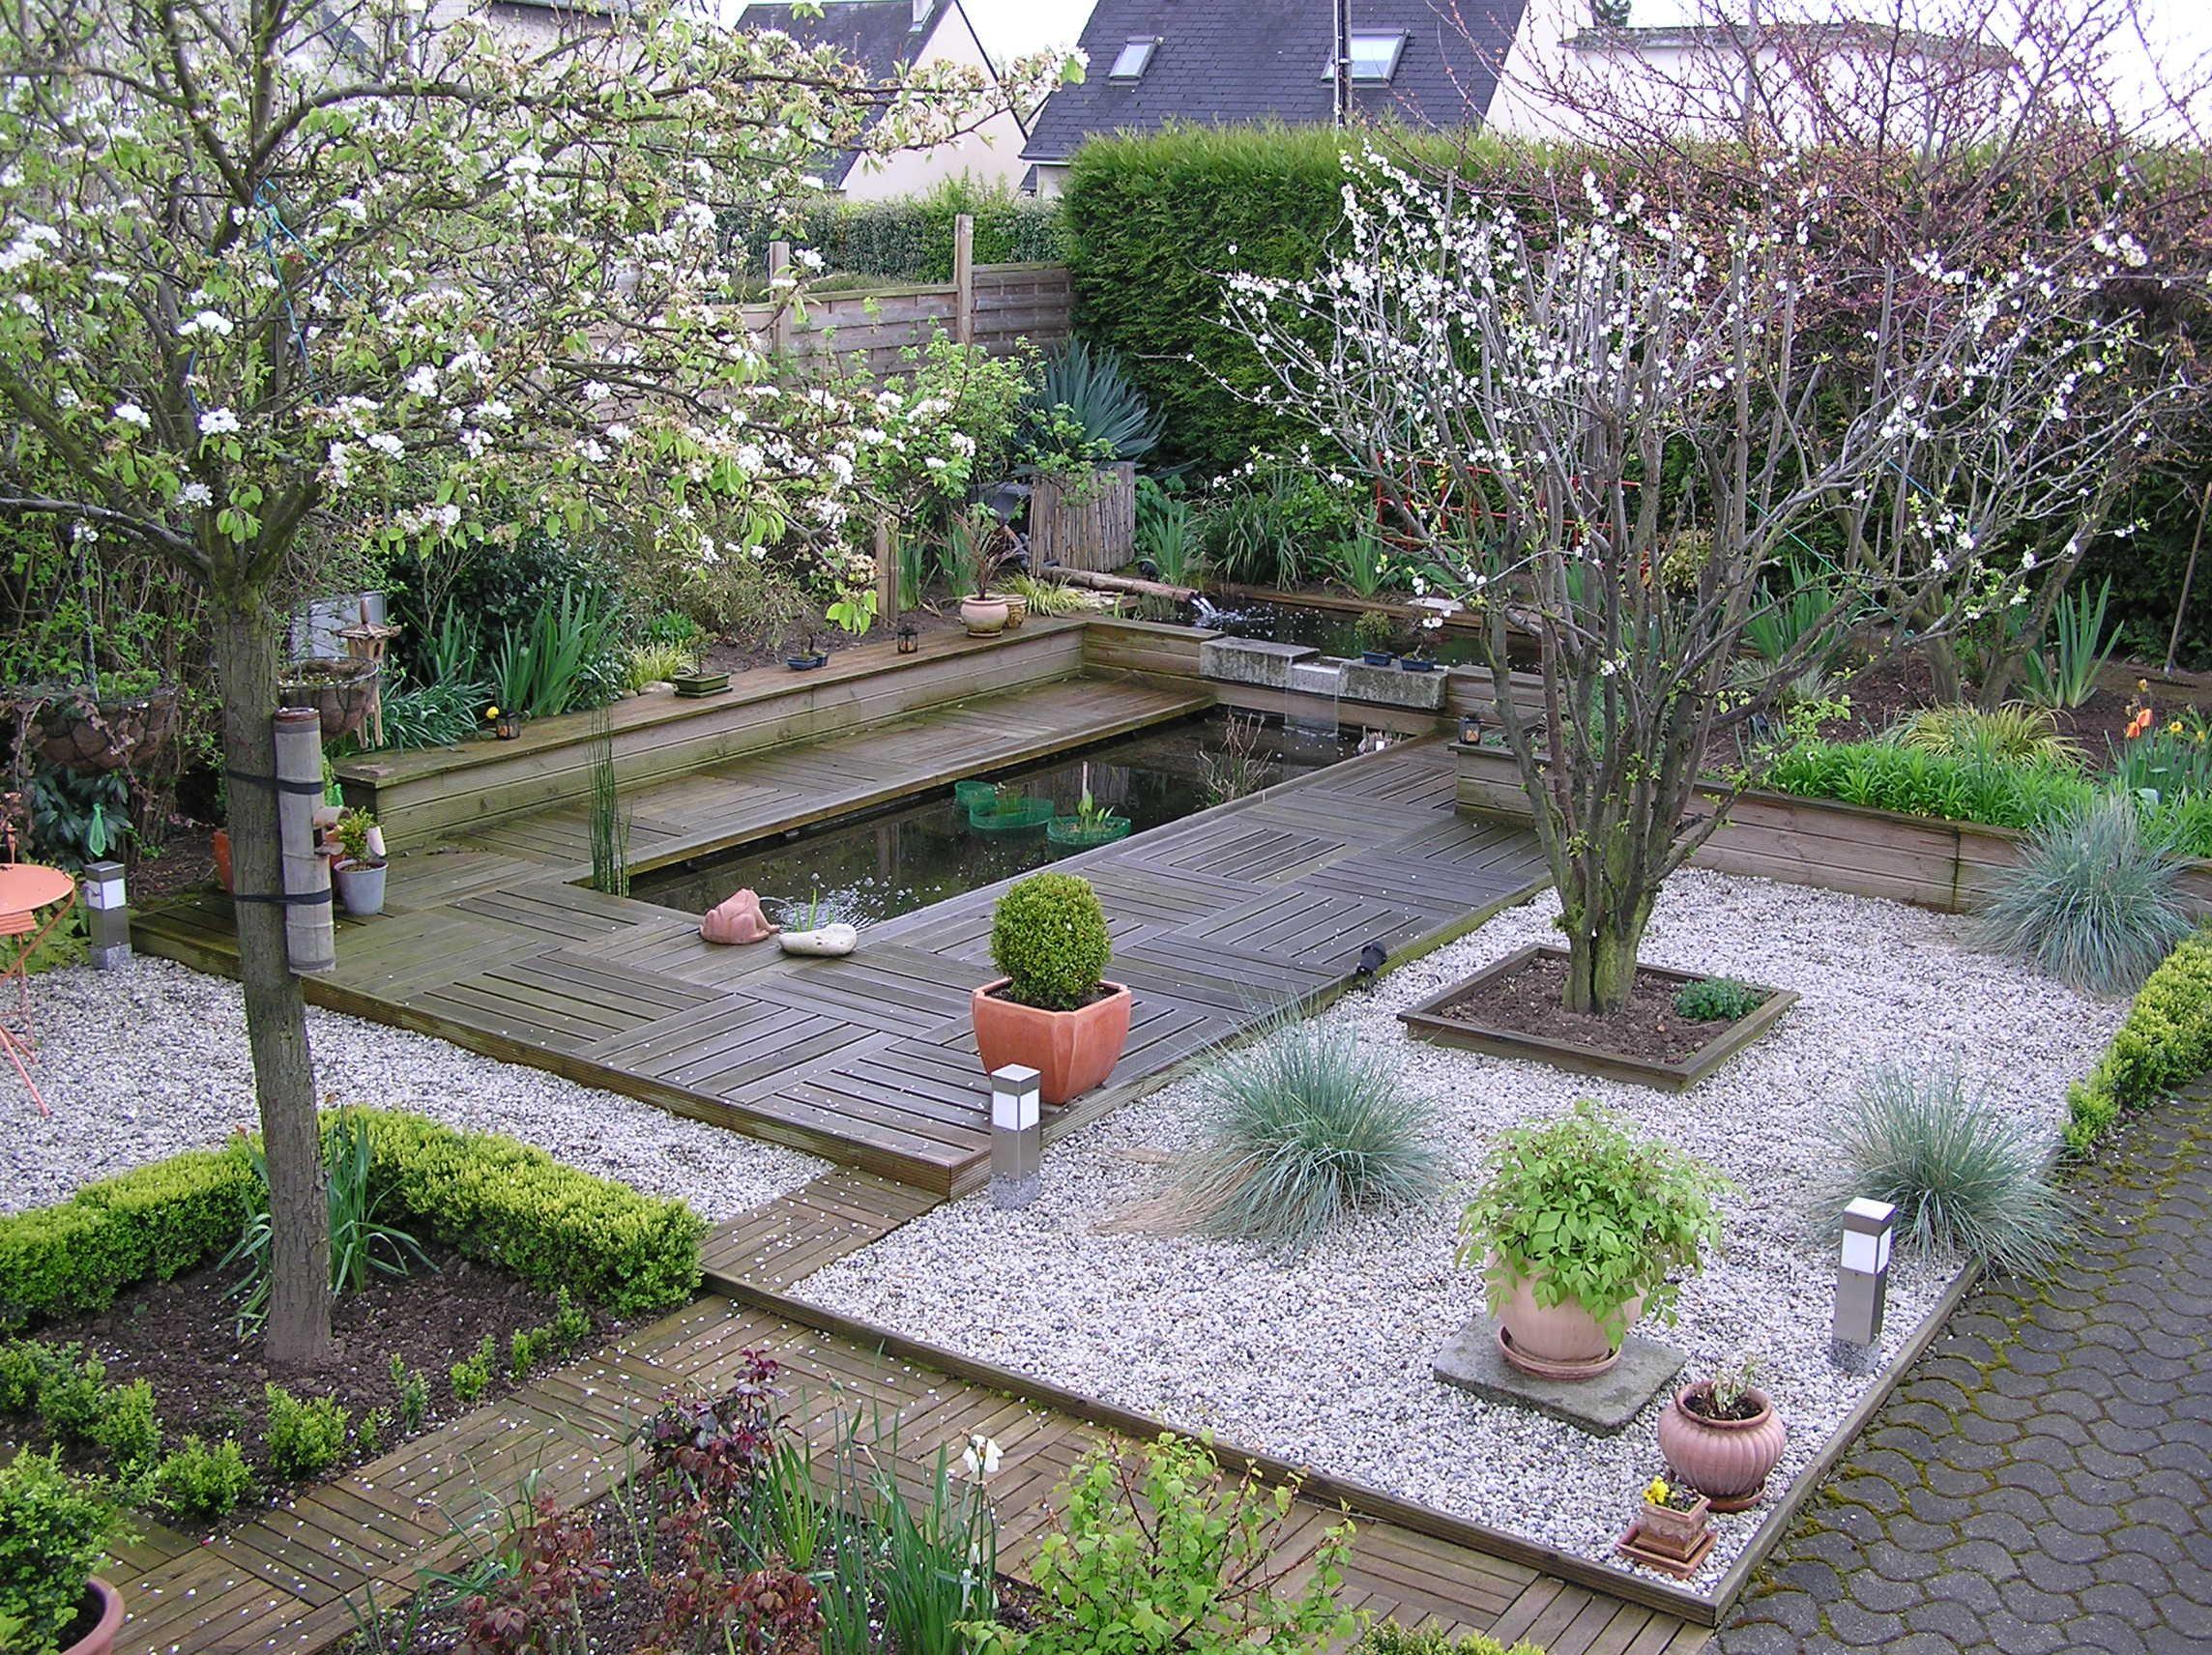 Créer Une Pièce D'eau Dans Son Jardin. | Jardin | Jardins ... pour Créer Un Bassin De Jardin